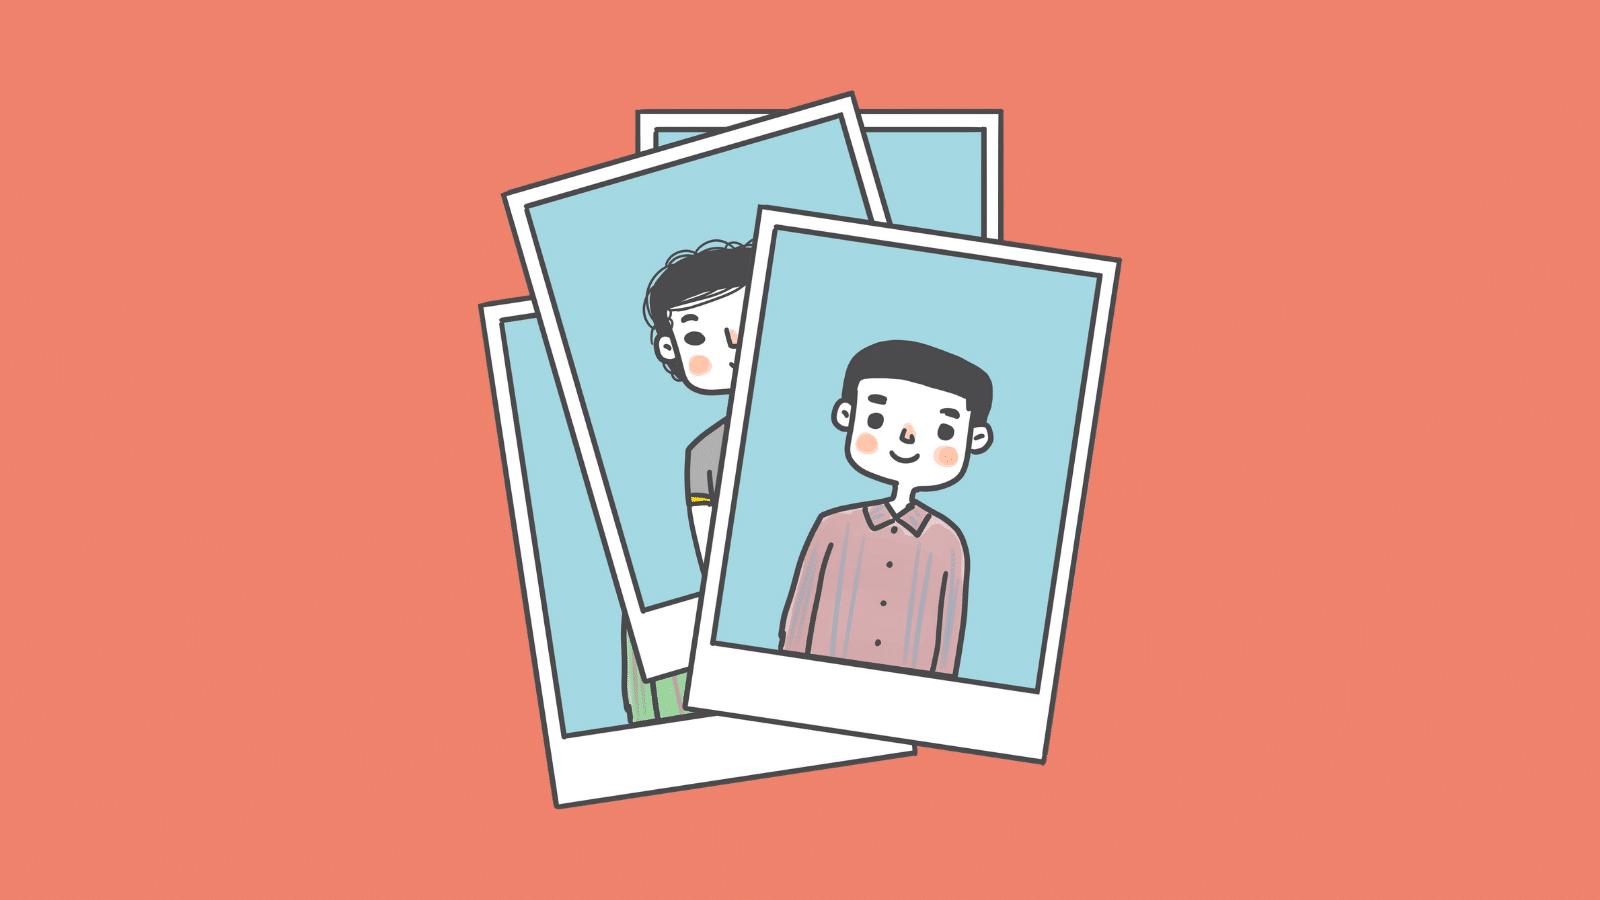 ウーバーイーツの紹介コードURLで表示される顔写真は非公開に出来るの?